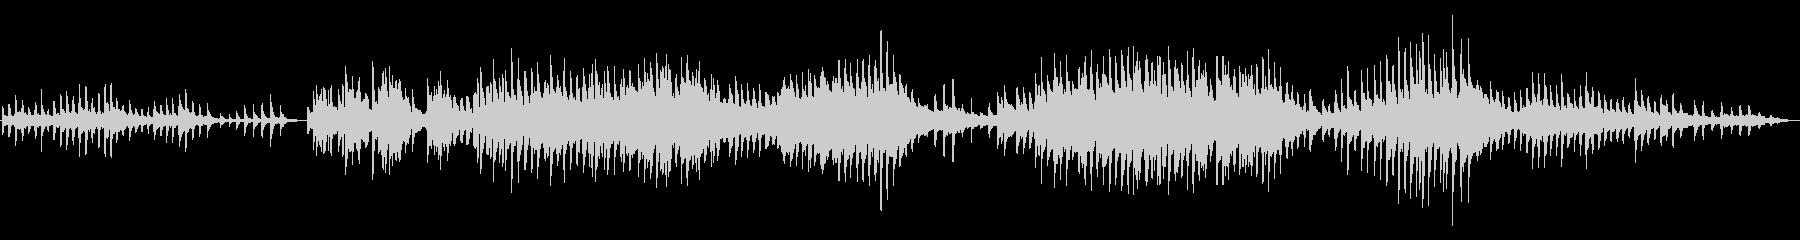 やさしく穏やかなゆったりとしたピアノ曲の未再生の波形